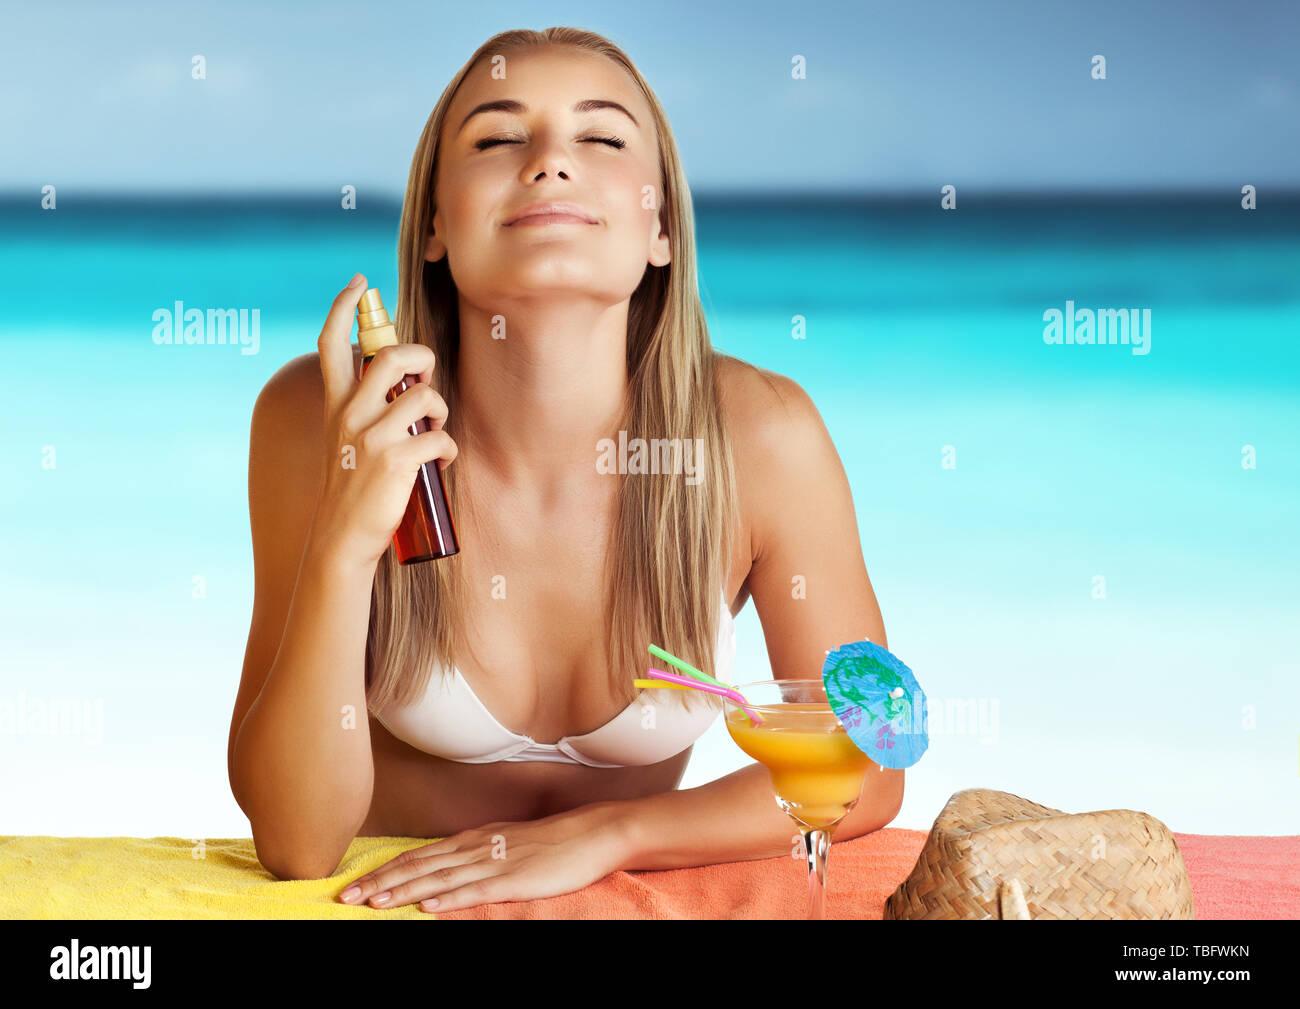 Ritratto di una bella donna sulla spiaggia utilizzando spf spray, l'applicazione di crema solare per proteggere la sua pelle dalle scottature, felice e sano soggiorno sulla spiaggia Immagini Stock